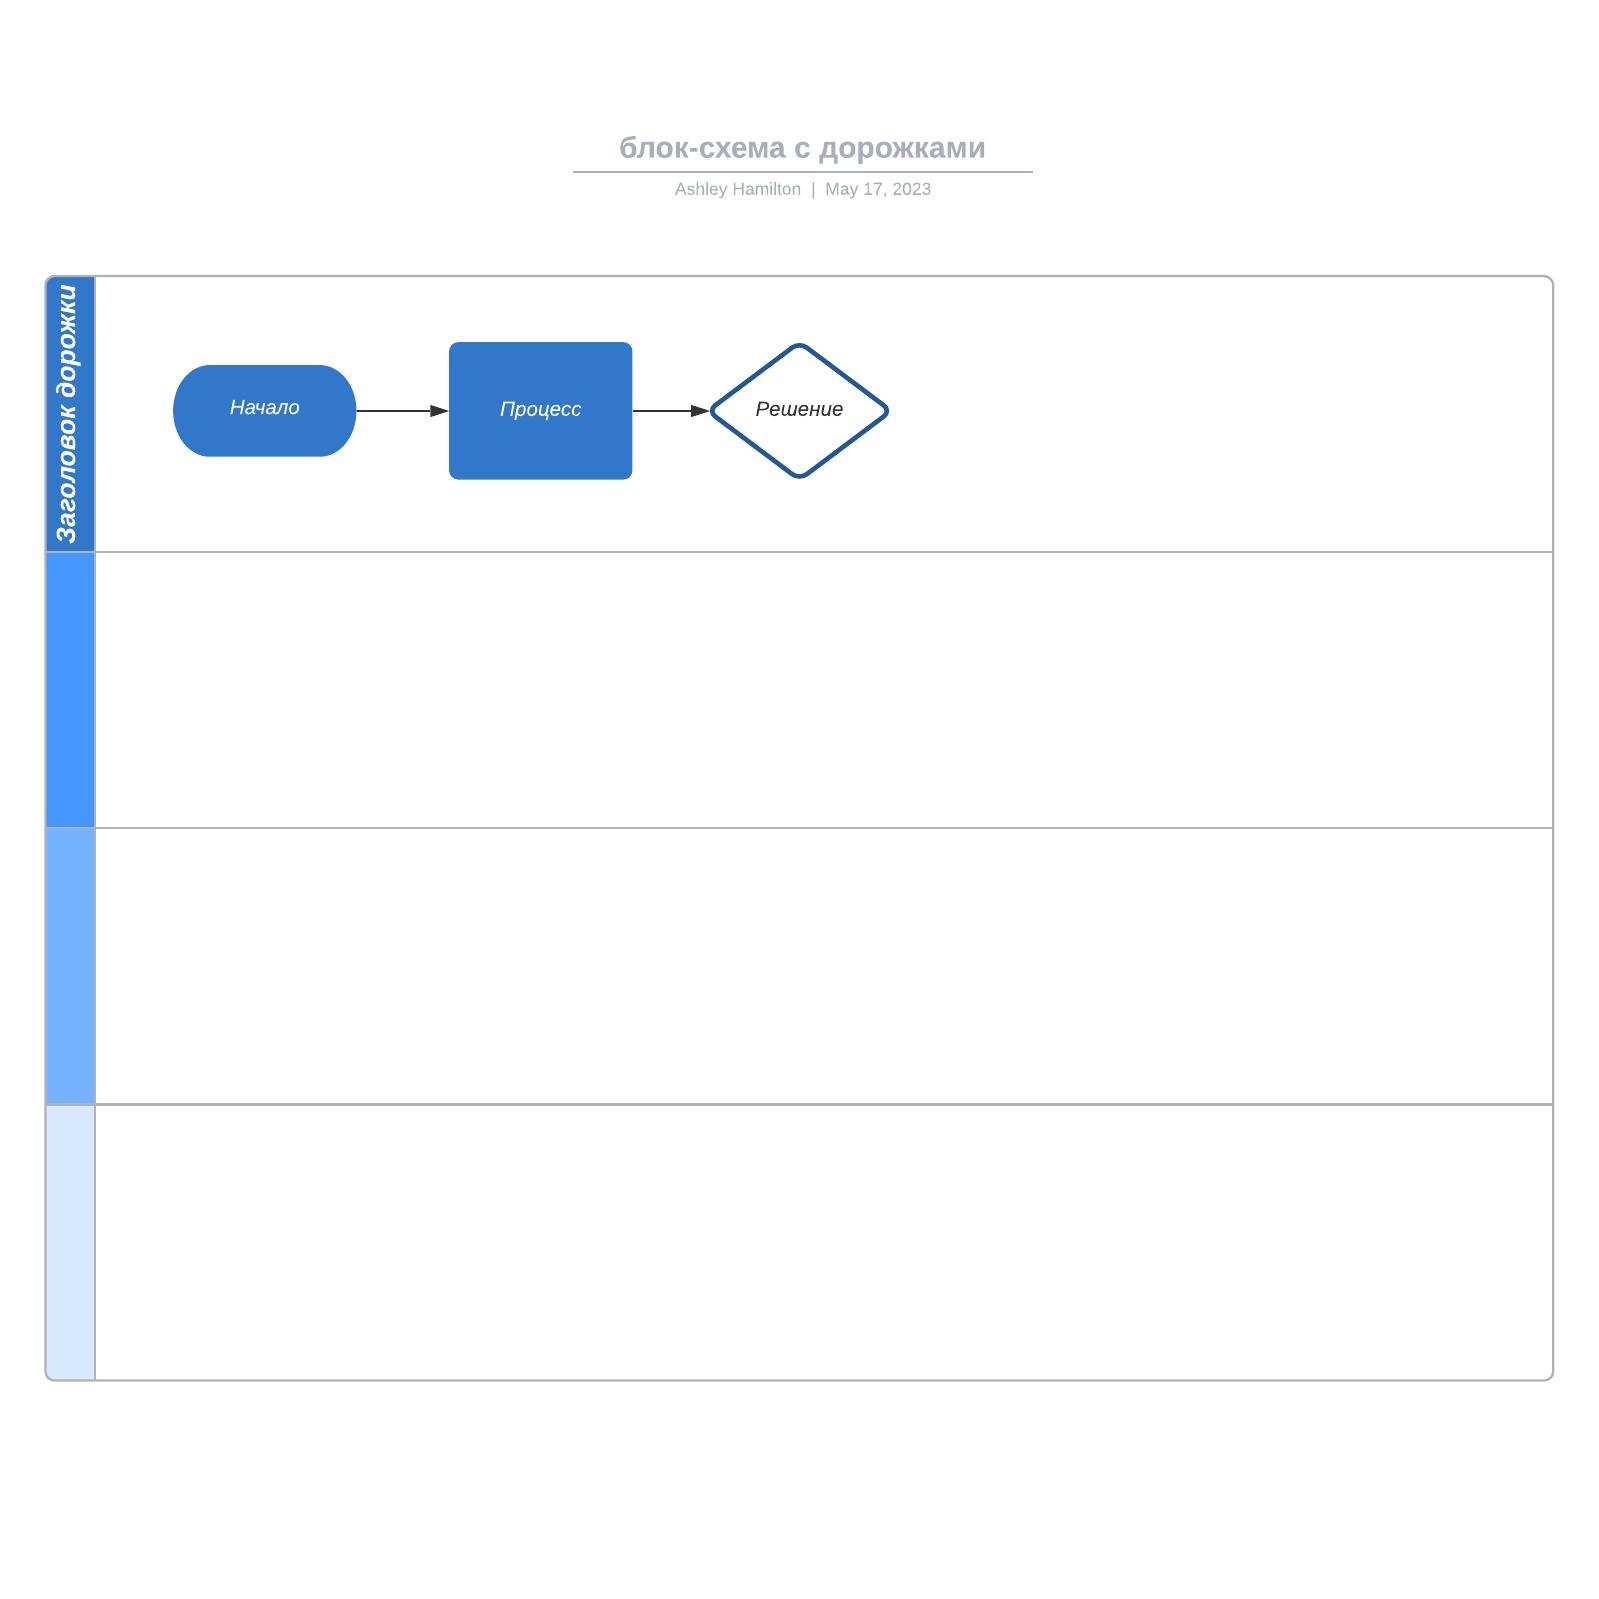 блок-схема с дорожками